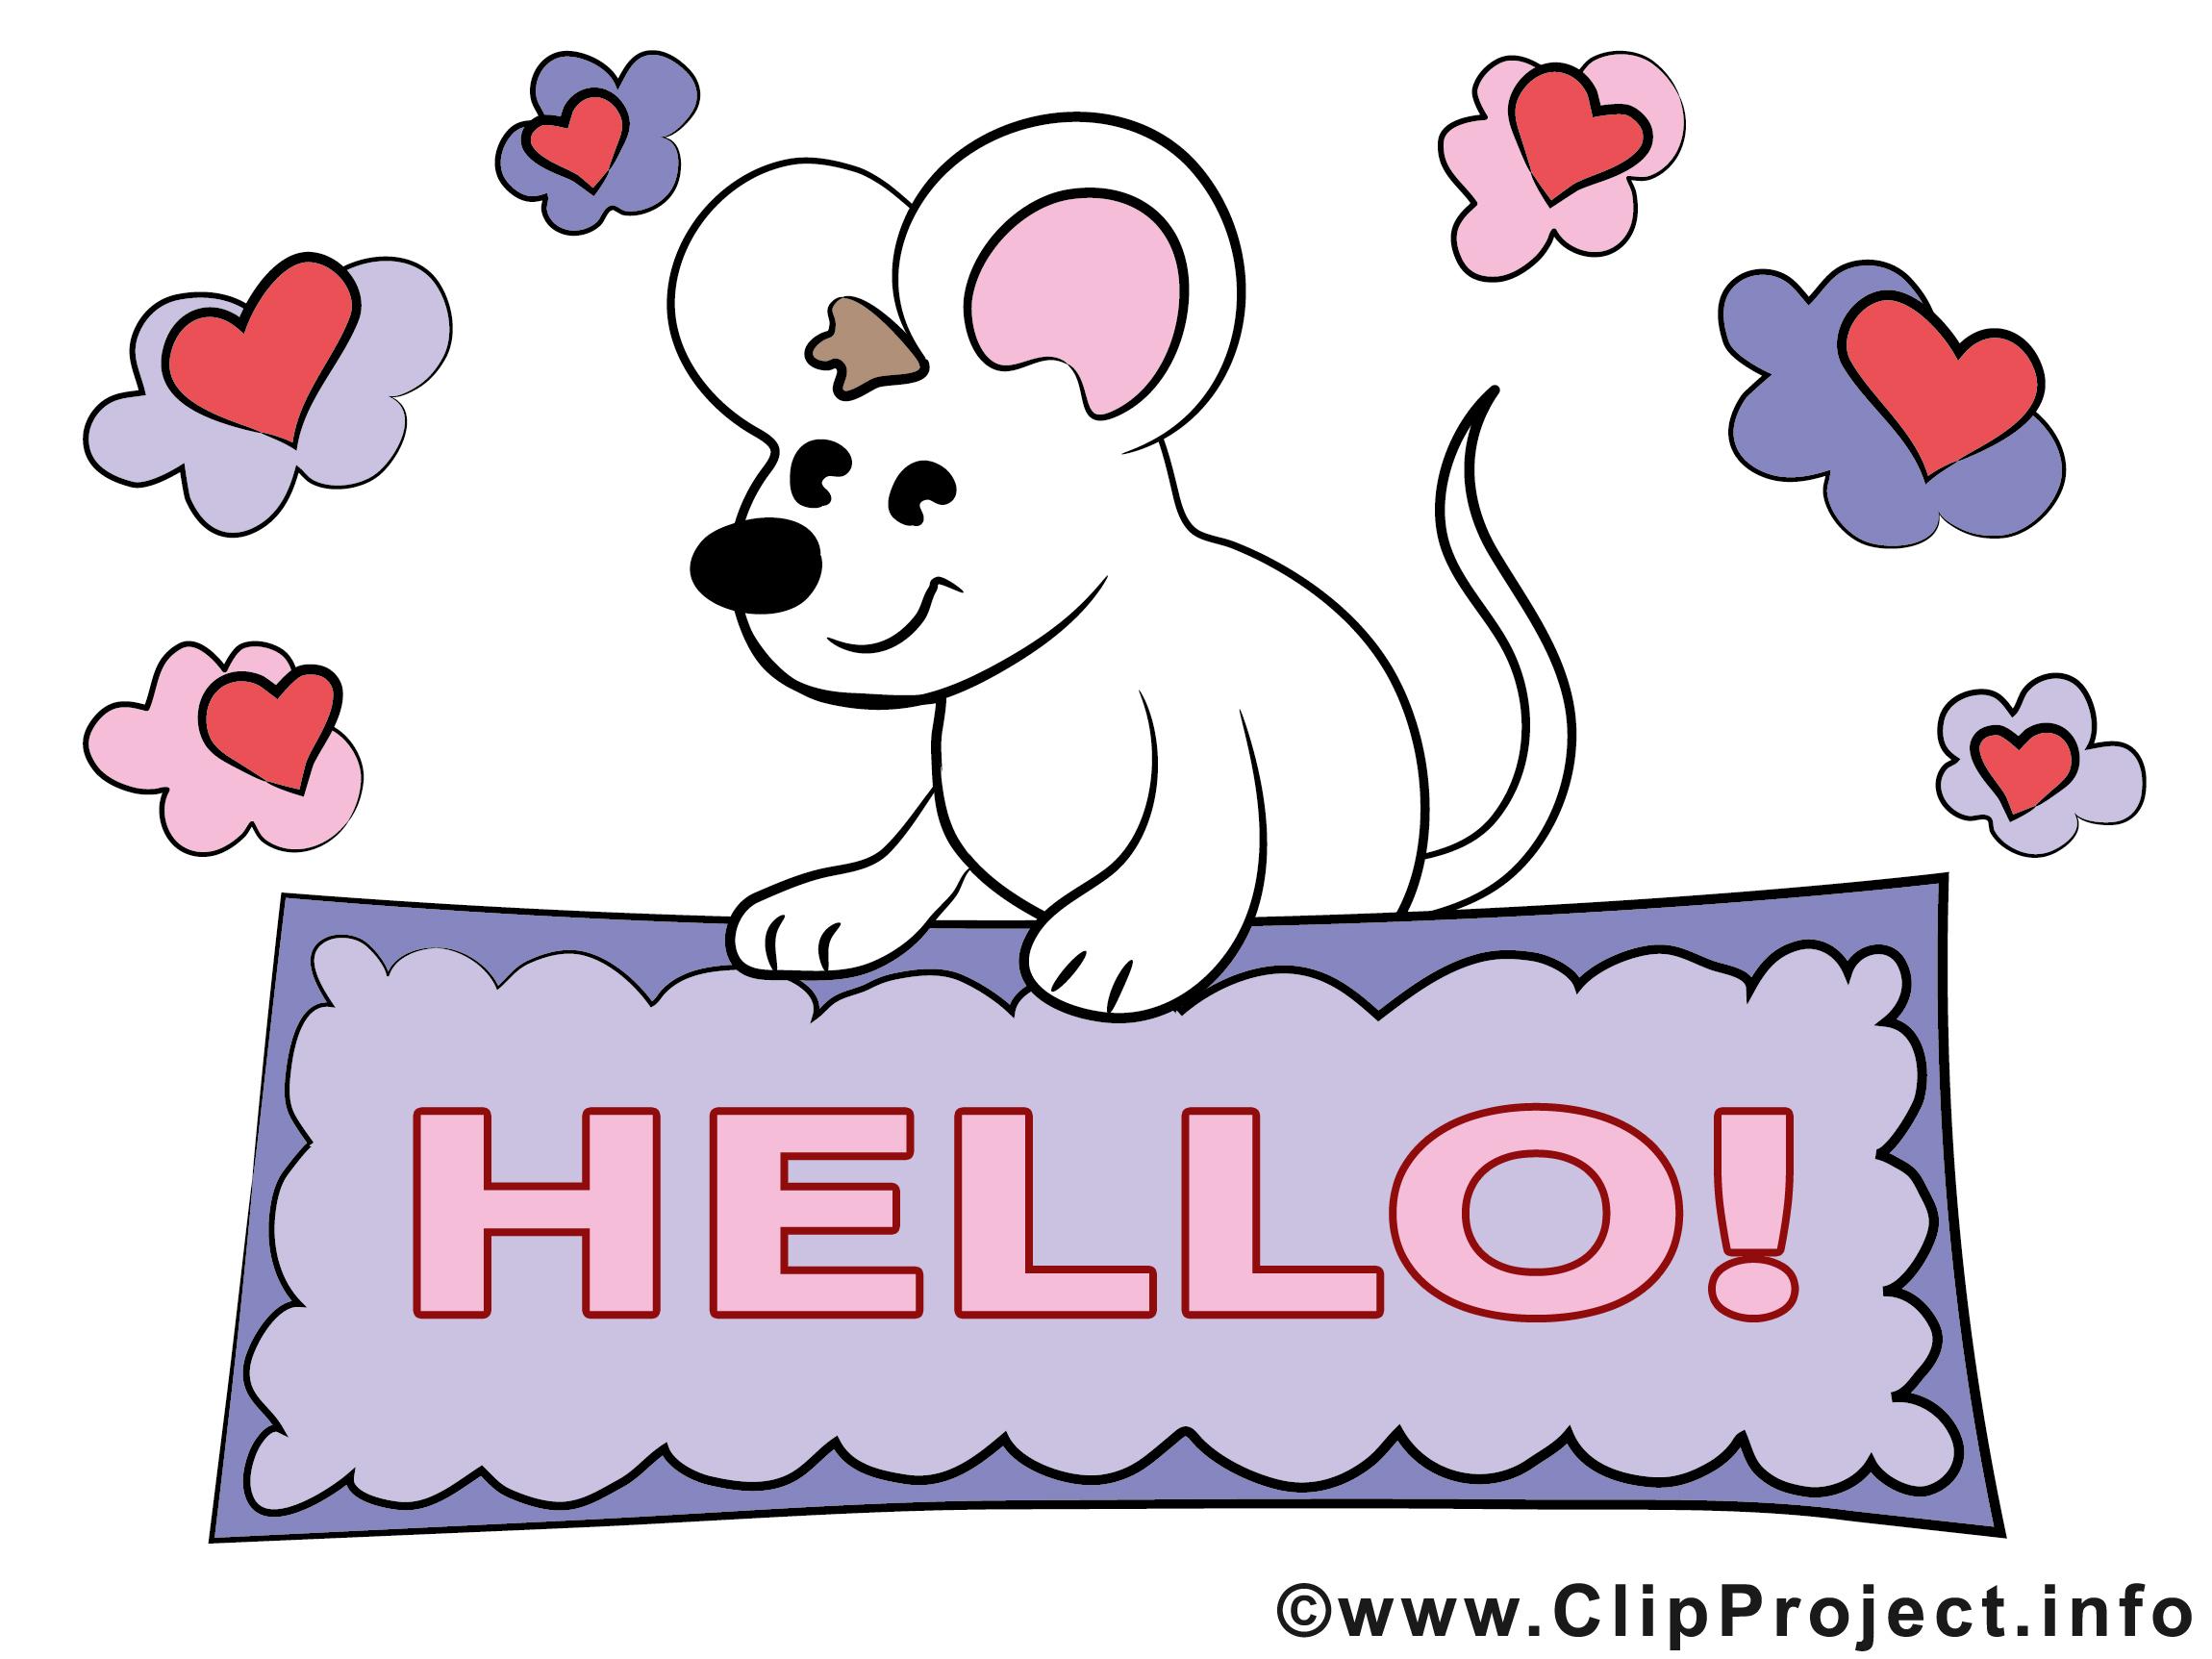 Souris Clipart Gratuit Salut Images Bonjour Dessin Picture Image Graphic Clip Art Telecharger Gratuit